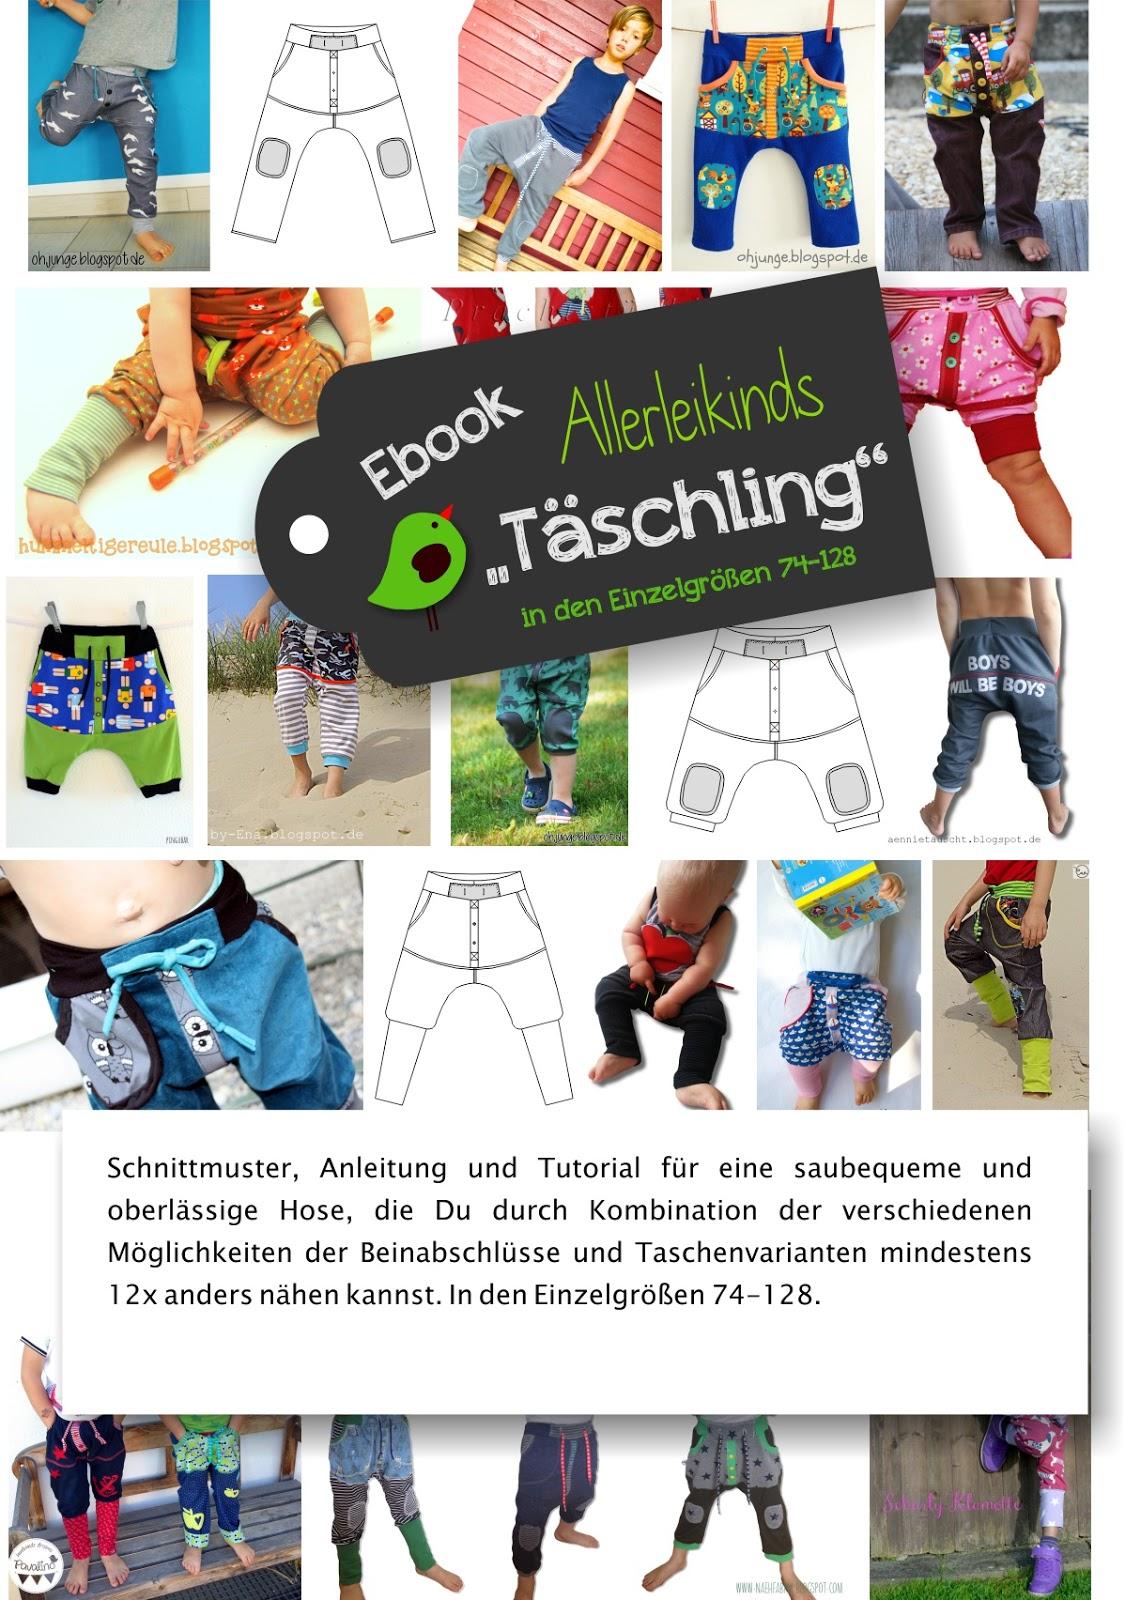 mailto:allerleikind@t-online.de